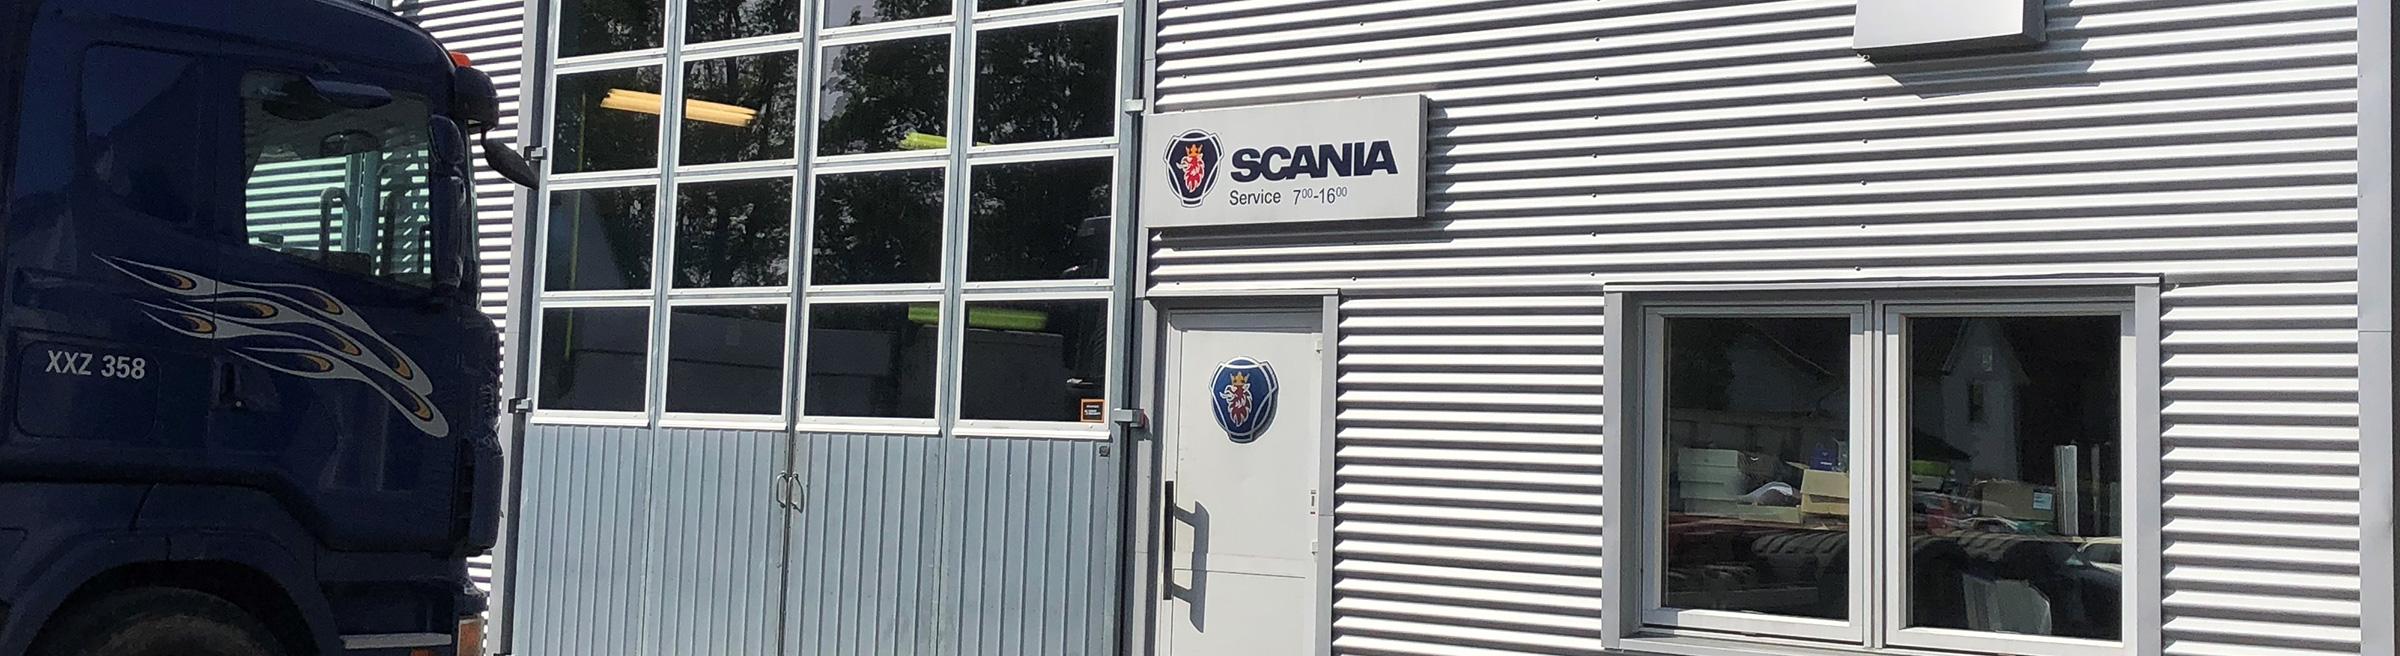 Scania Kinna